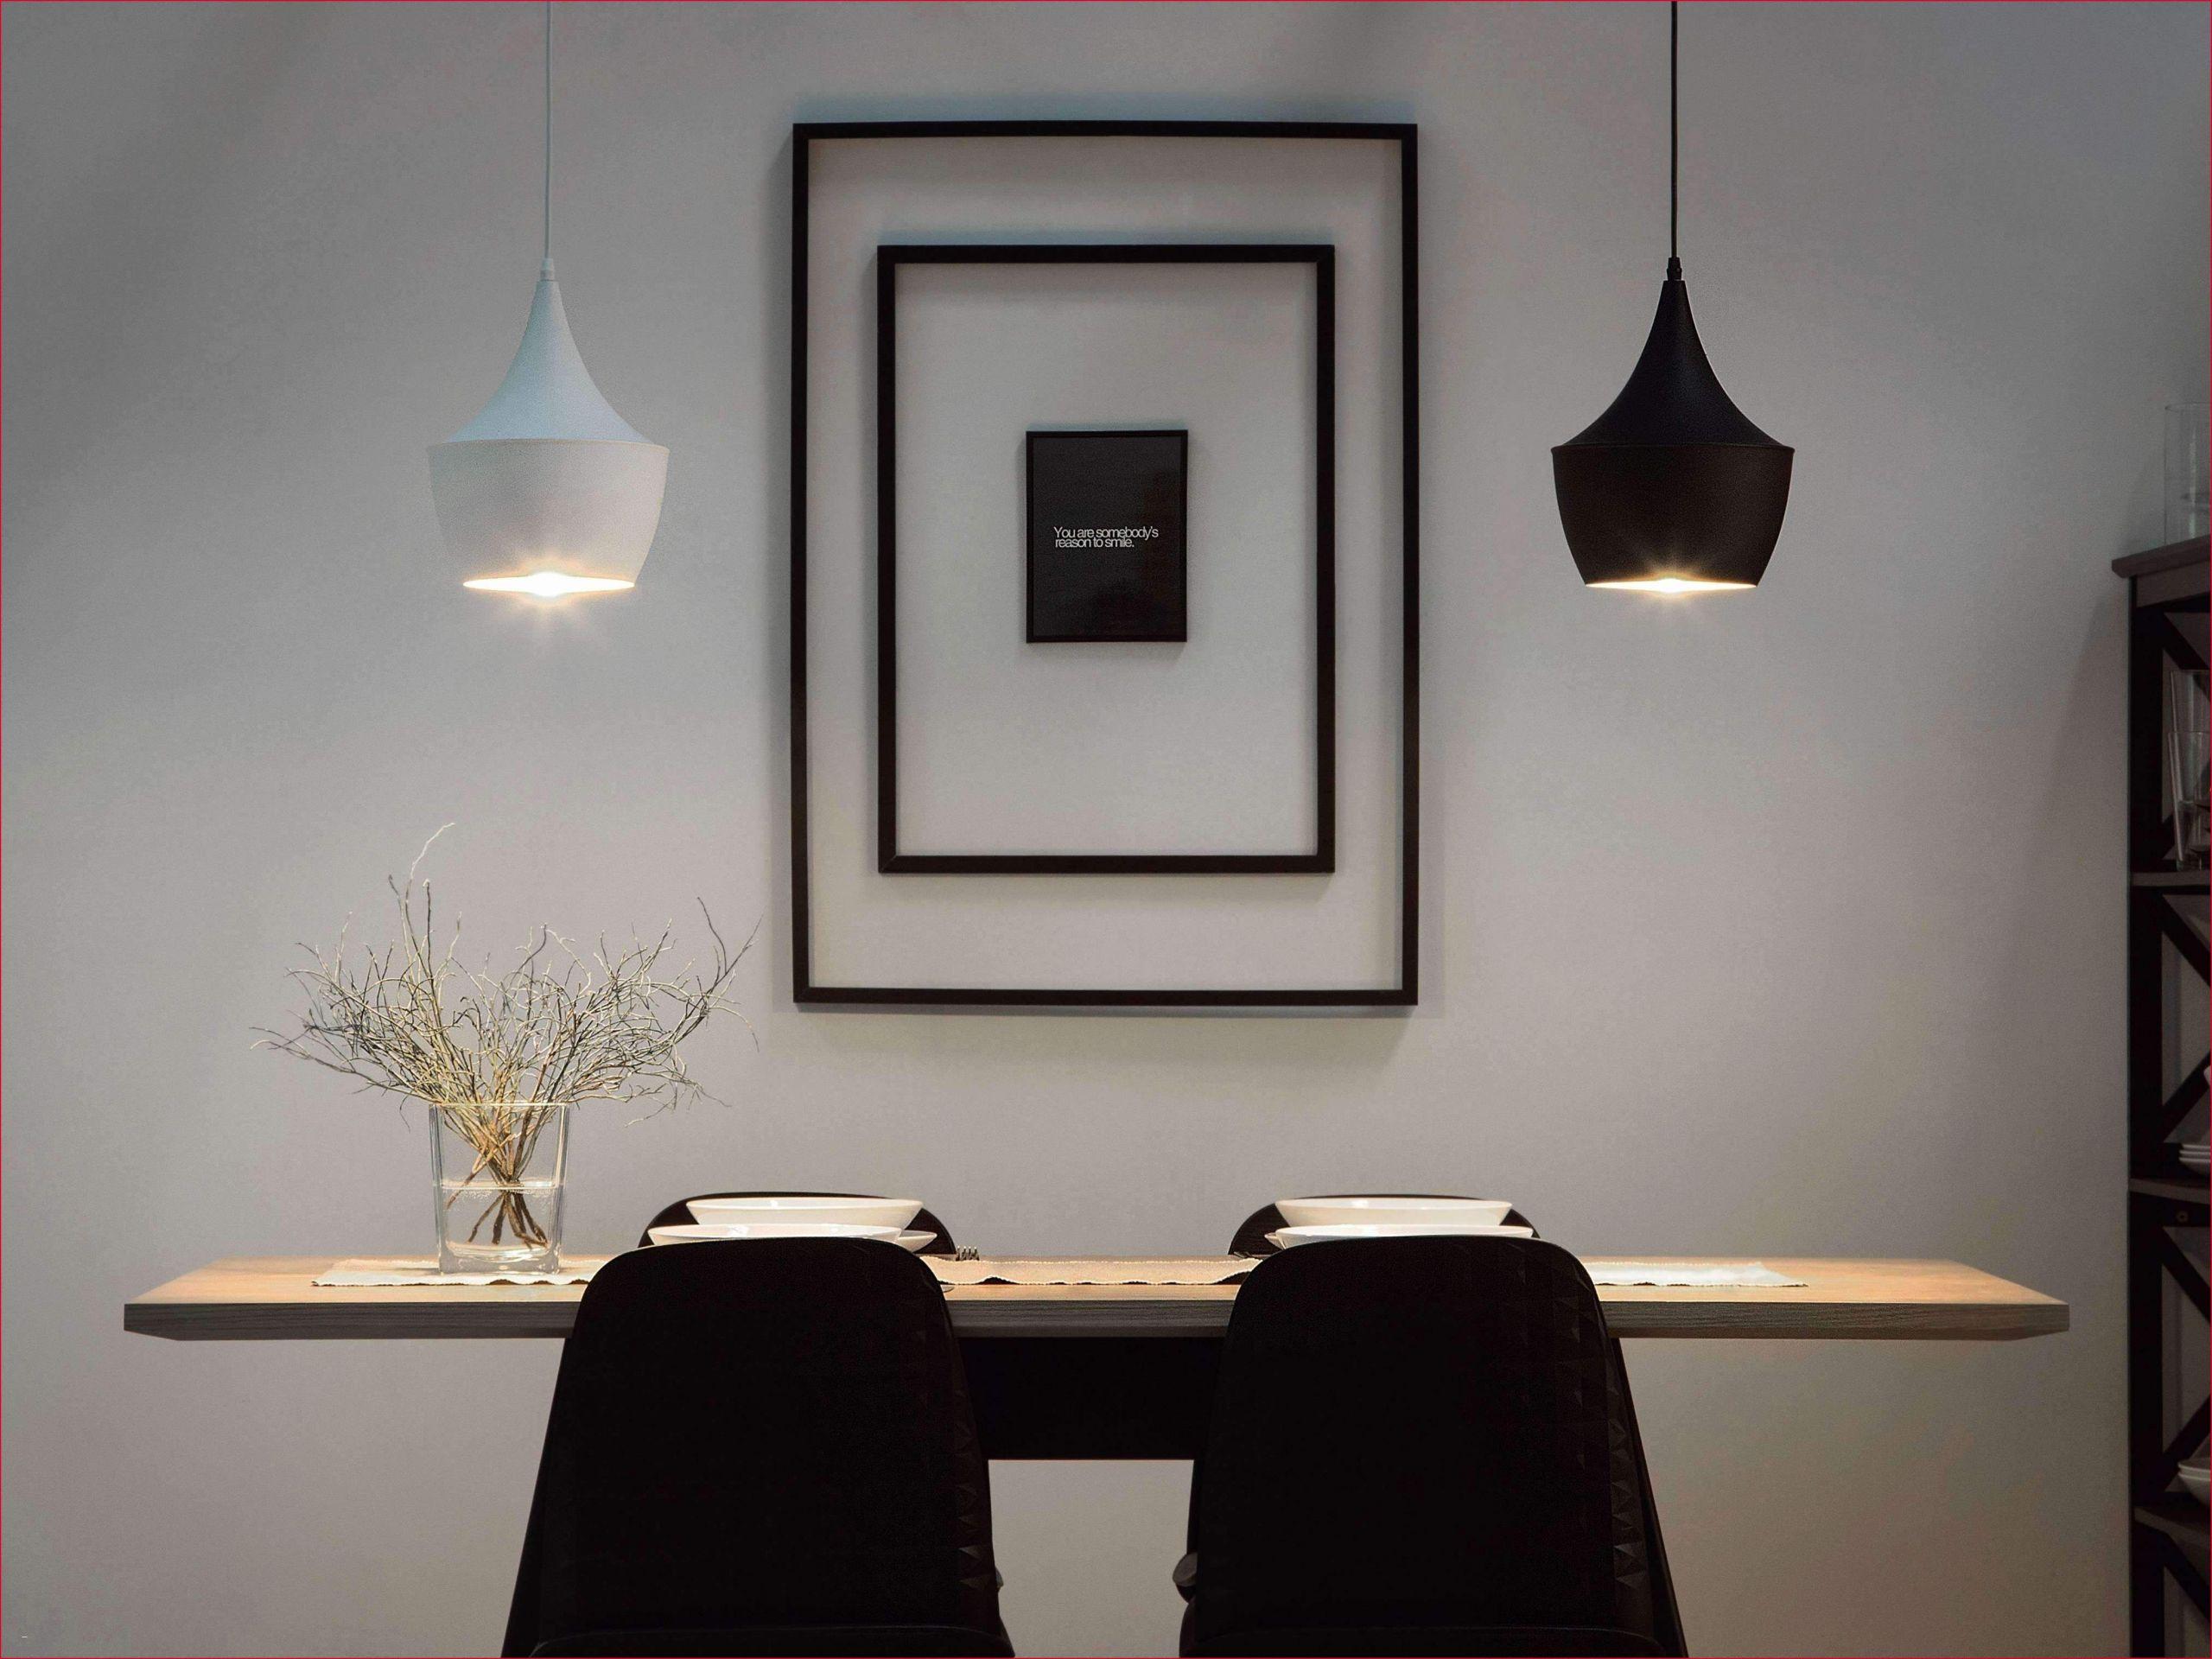 led leuchten wohnzimmer einzigartig wege zu garten lampe fotos von garten dekorativ of led leuchten wohnzimmer